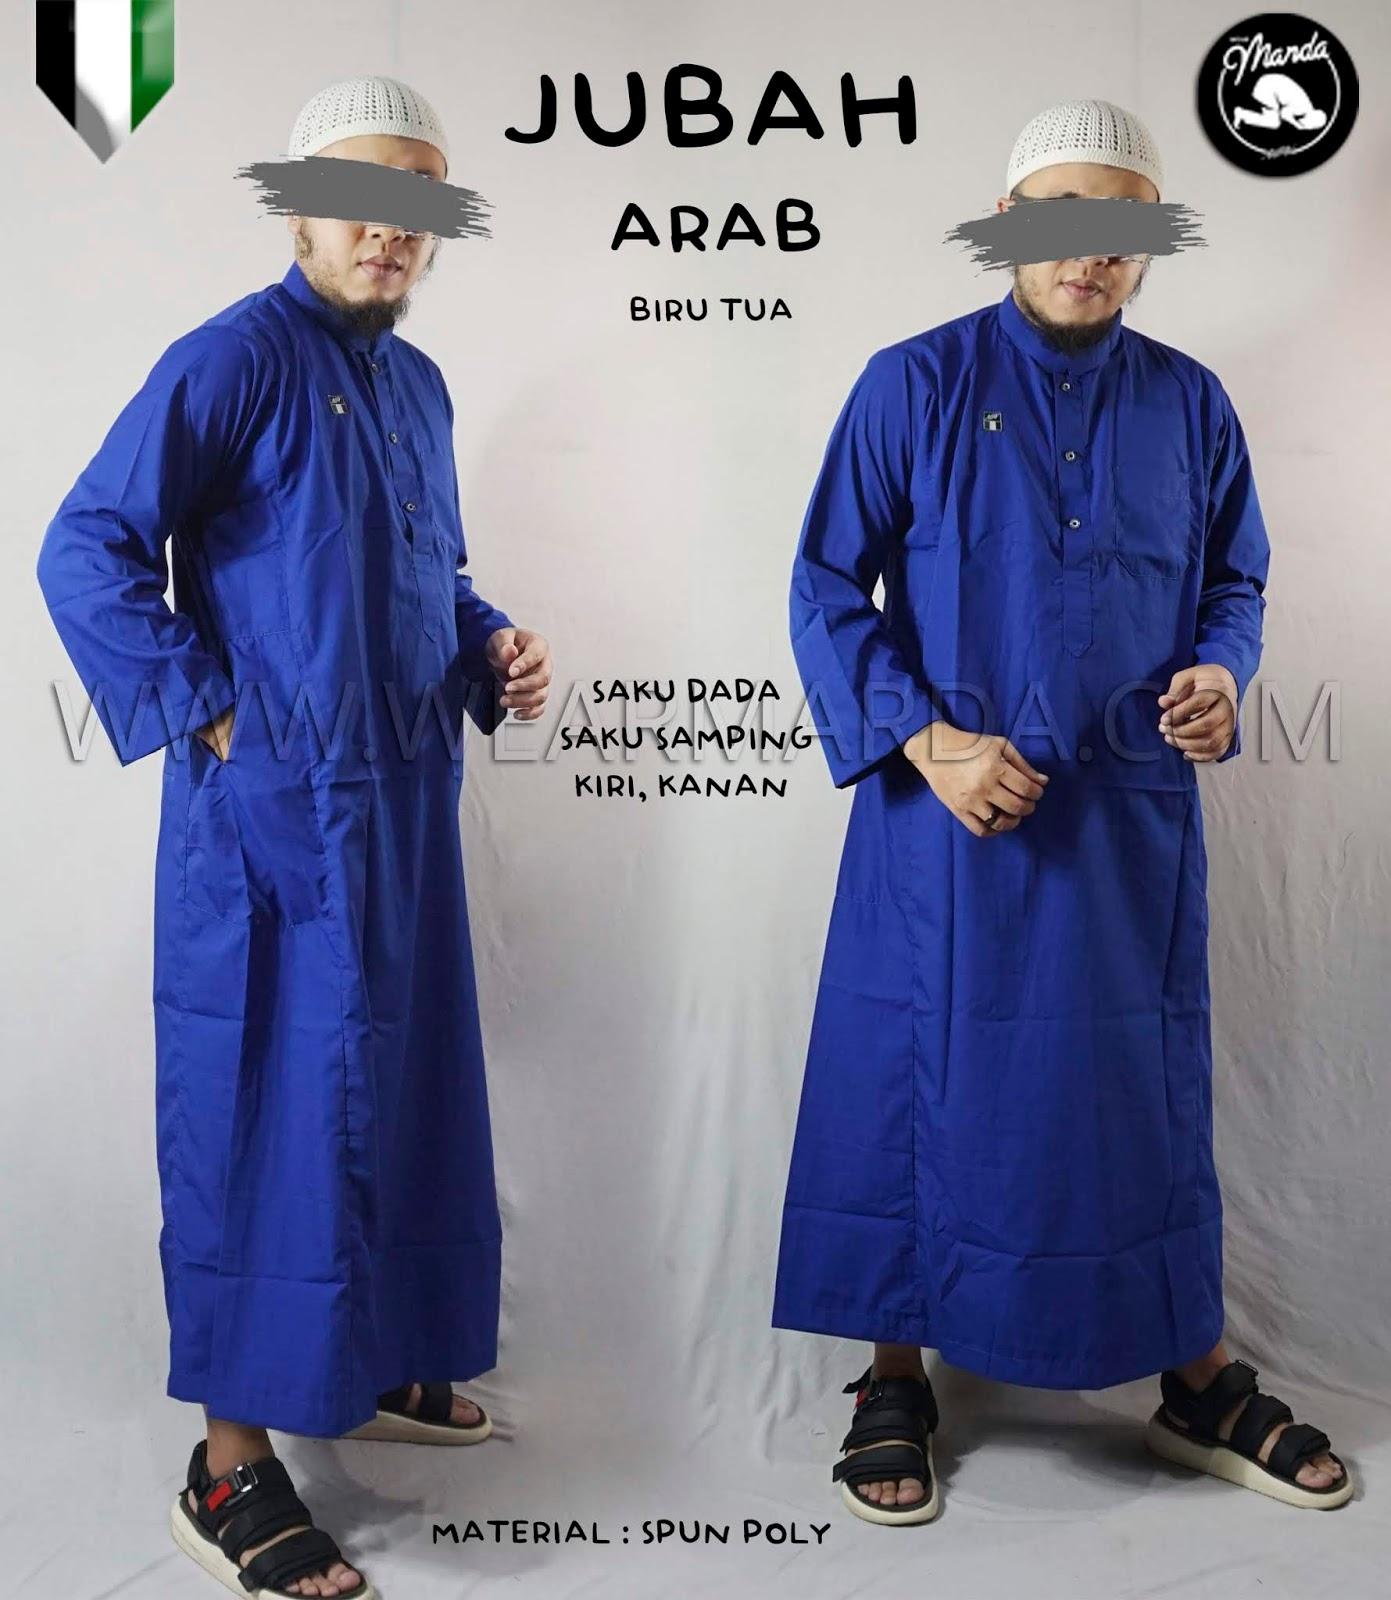 JUBAH ARAB BIRU TUA